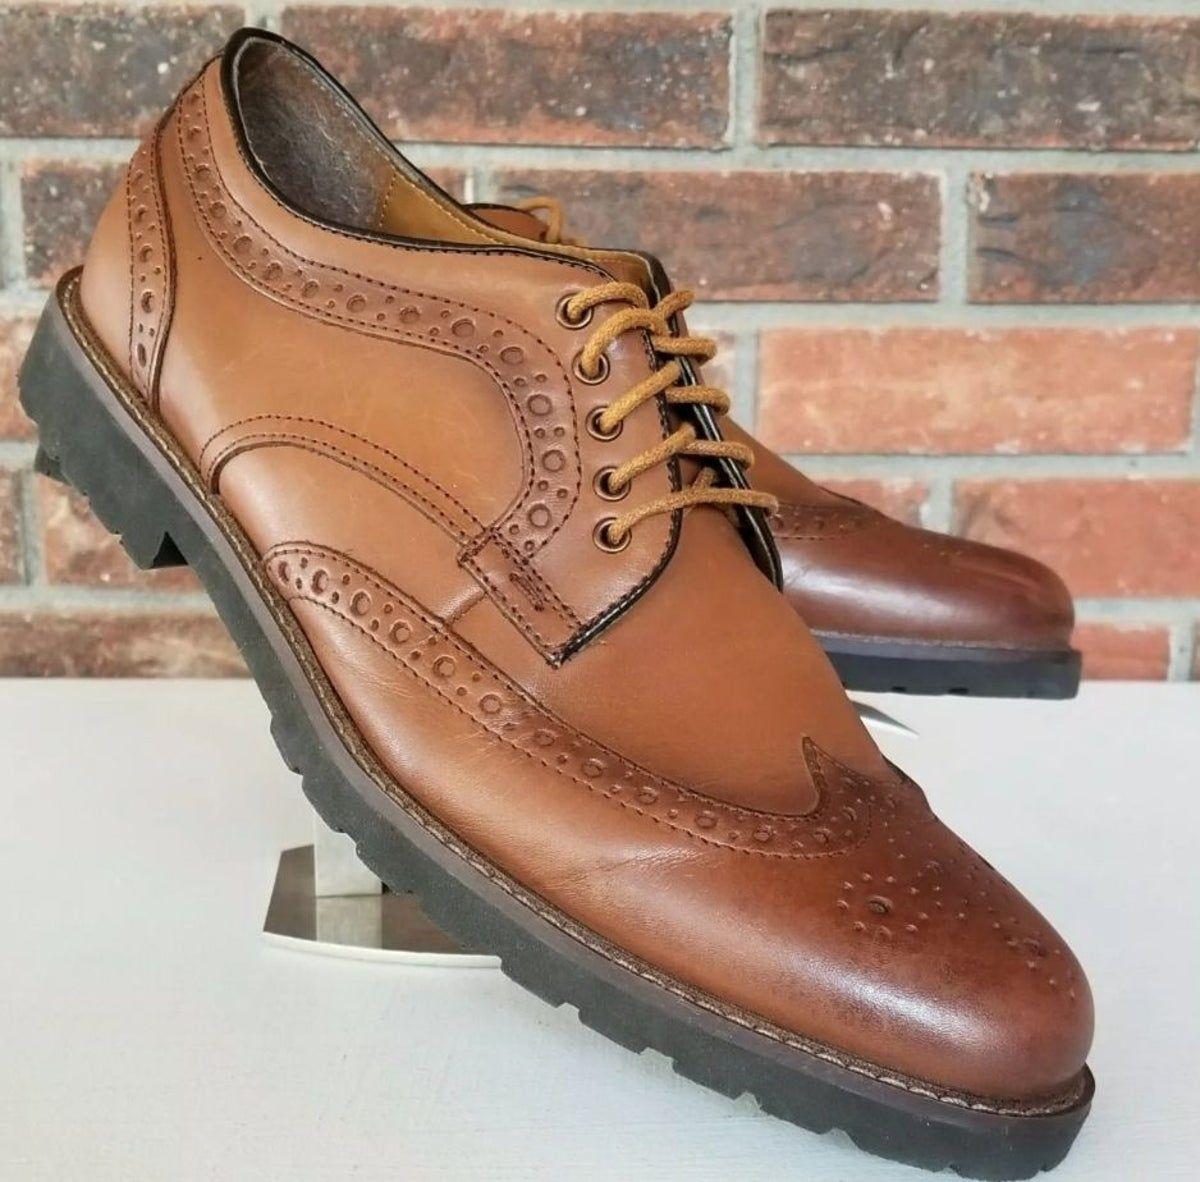 CHAPS Men's Wingtip Oxford Shoes 11.5